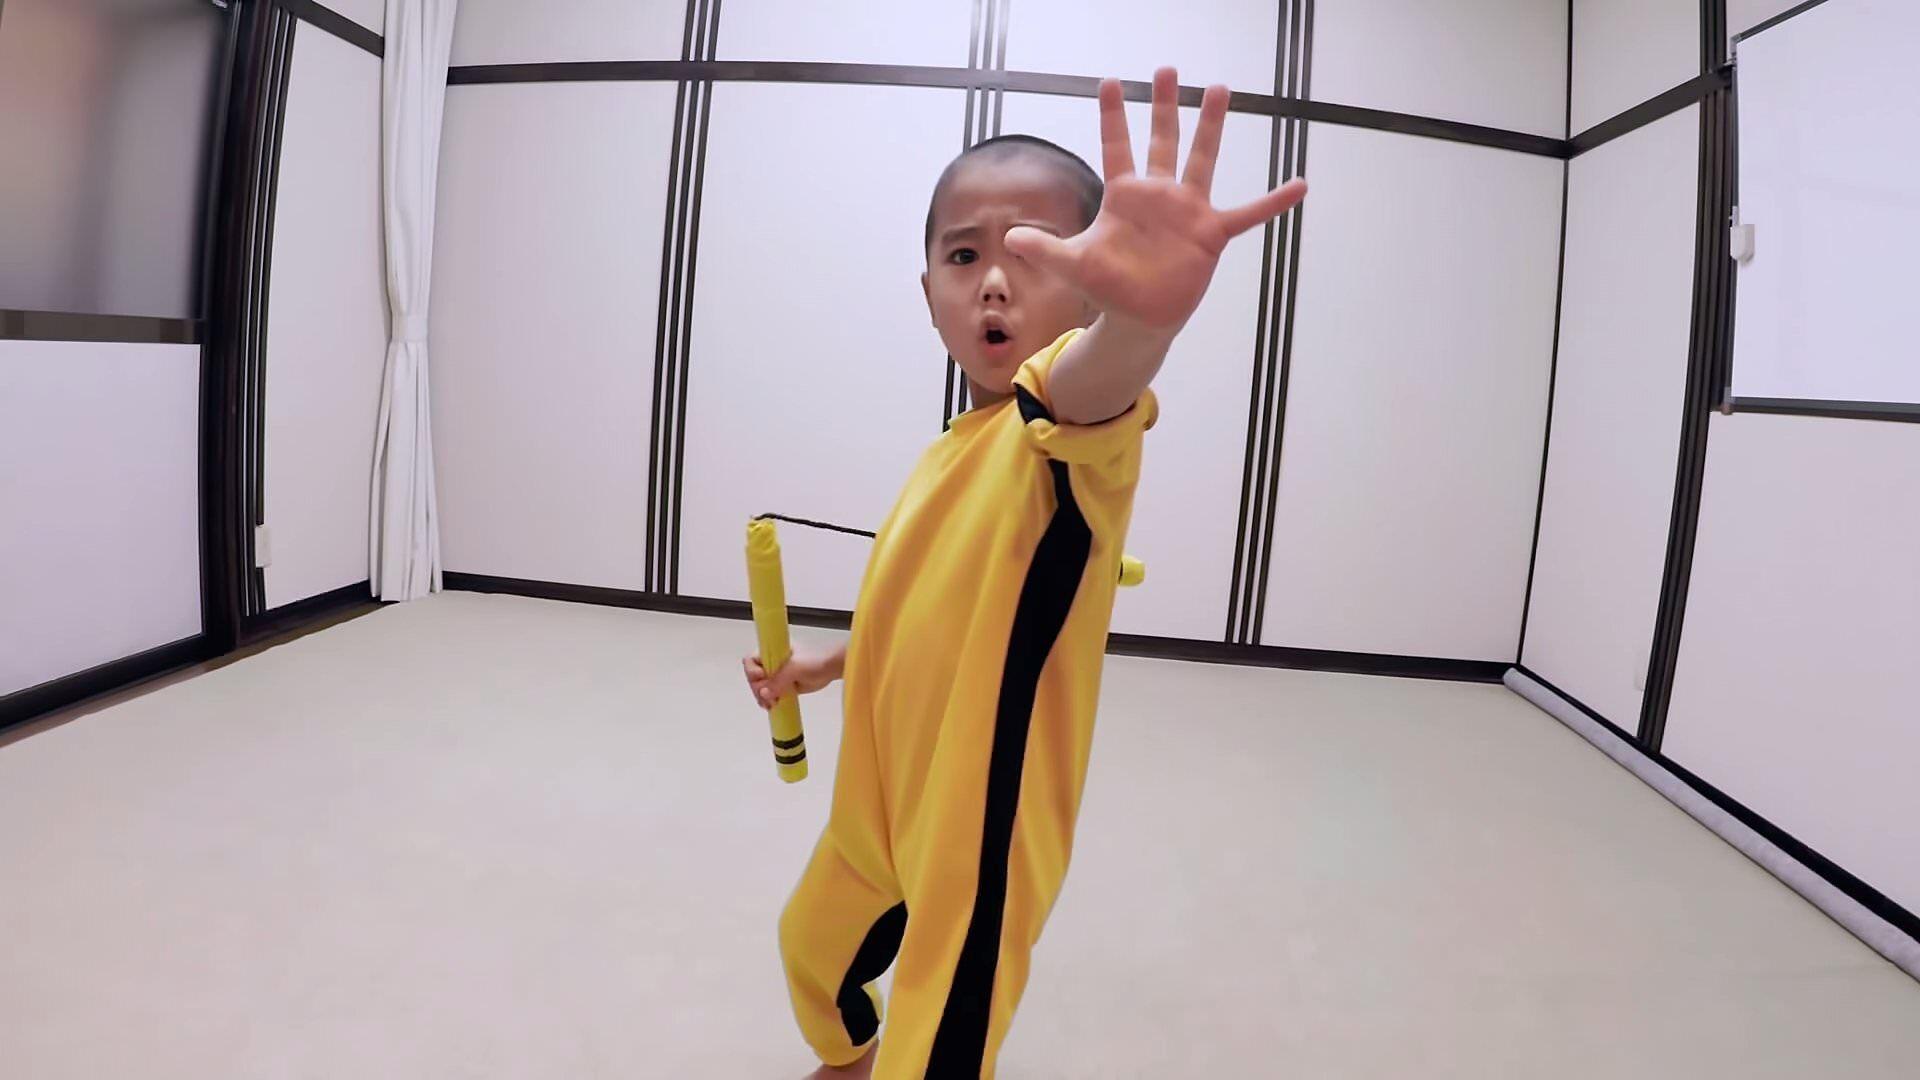 5歳になったミニ・ブルース・リー!キレッキレのヌンチャクさばき!Ryusei Imai